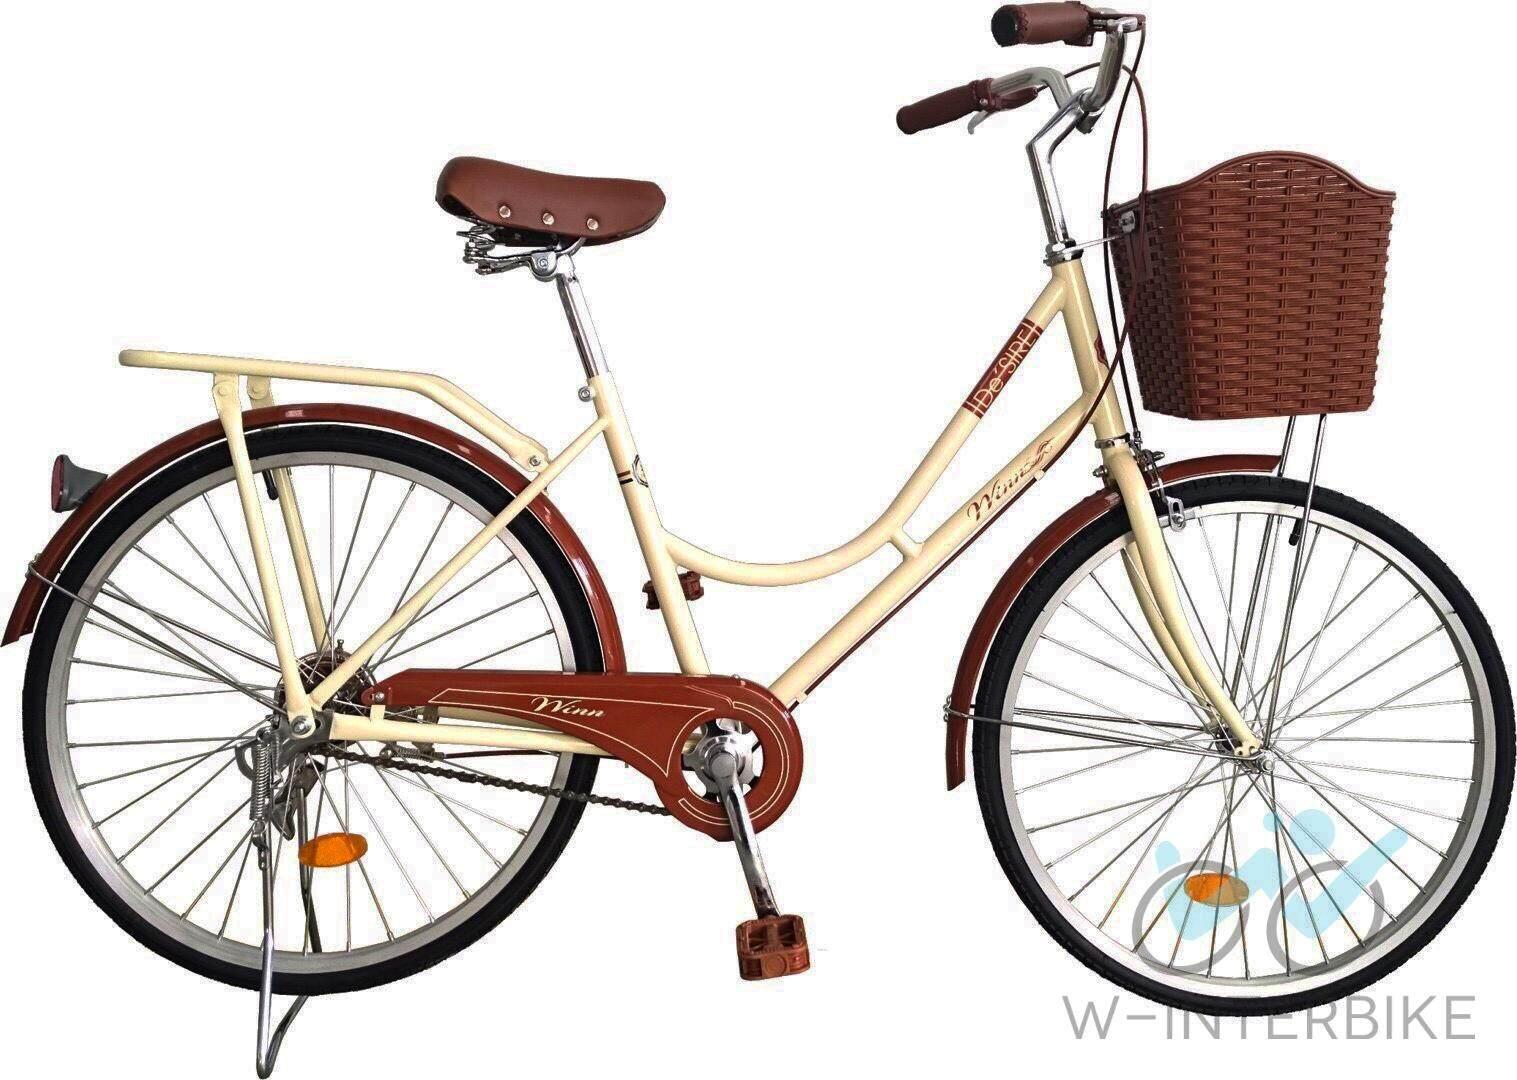 Winn Desire จักรยานแม่บ้านวินเทจ ล้อ26 (สีครีม).